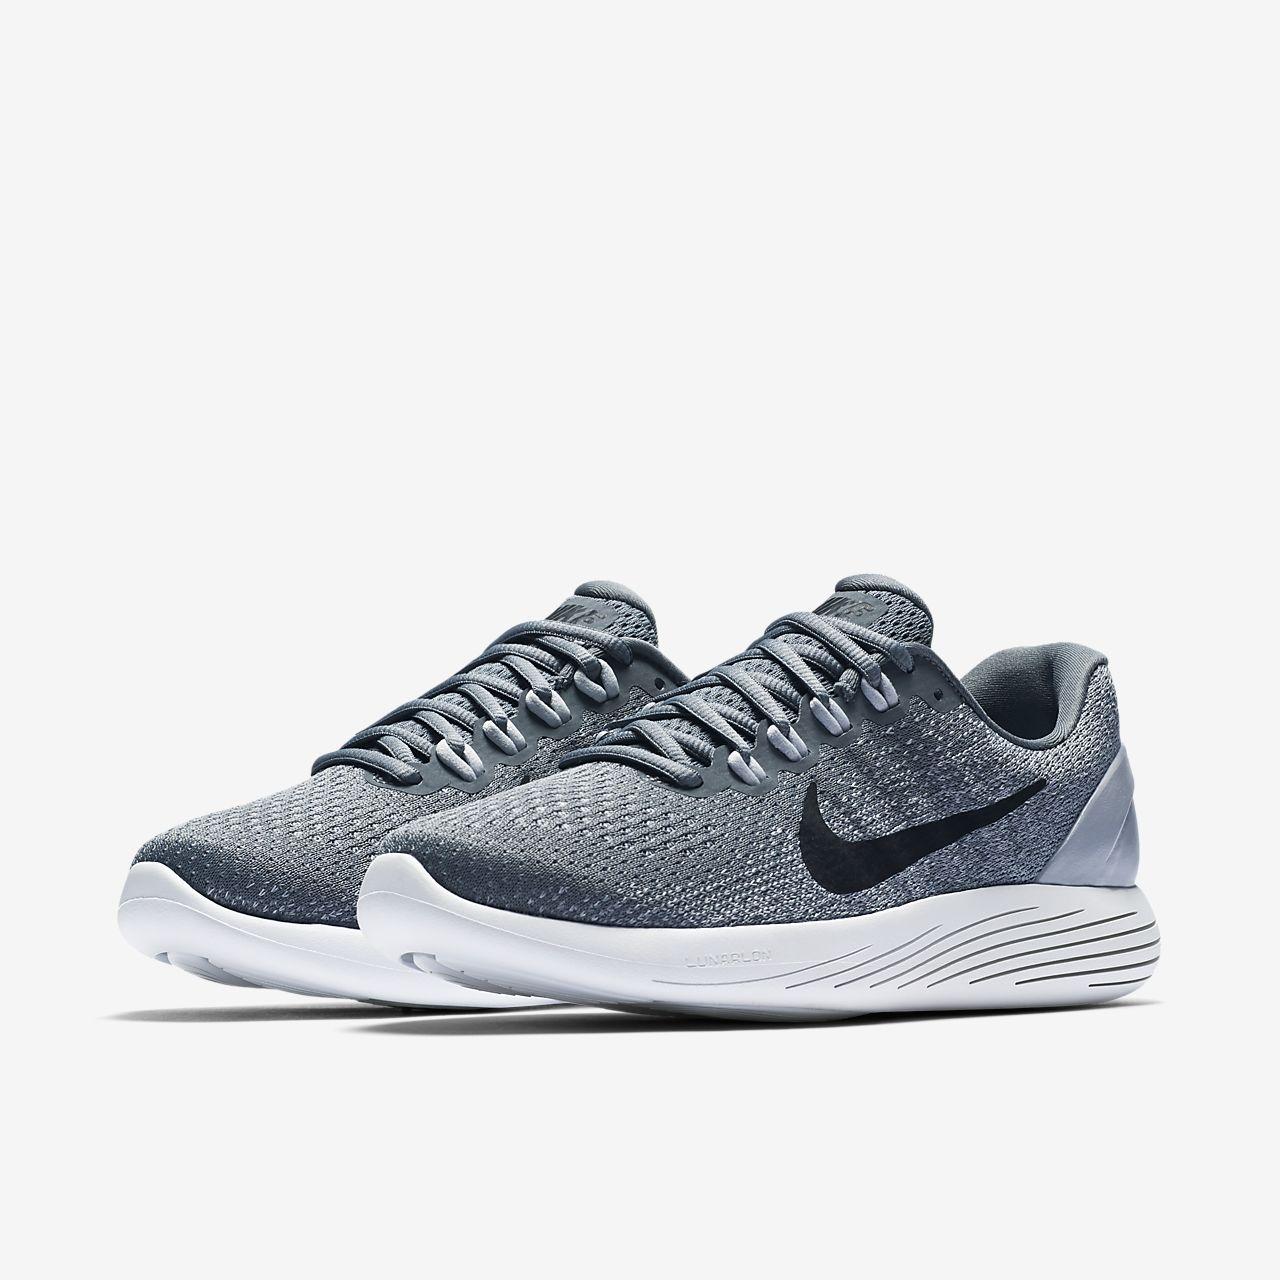 d152e977360 Nike LunarGlide 9 Women s Running Shoe. Nike.com ZA